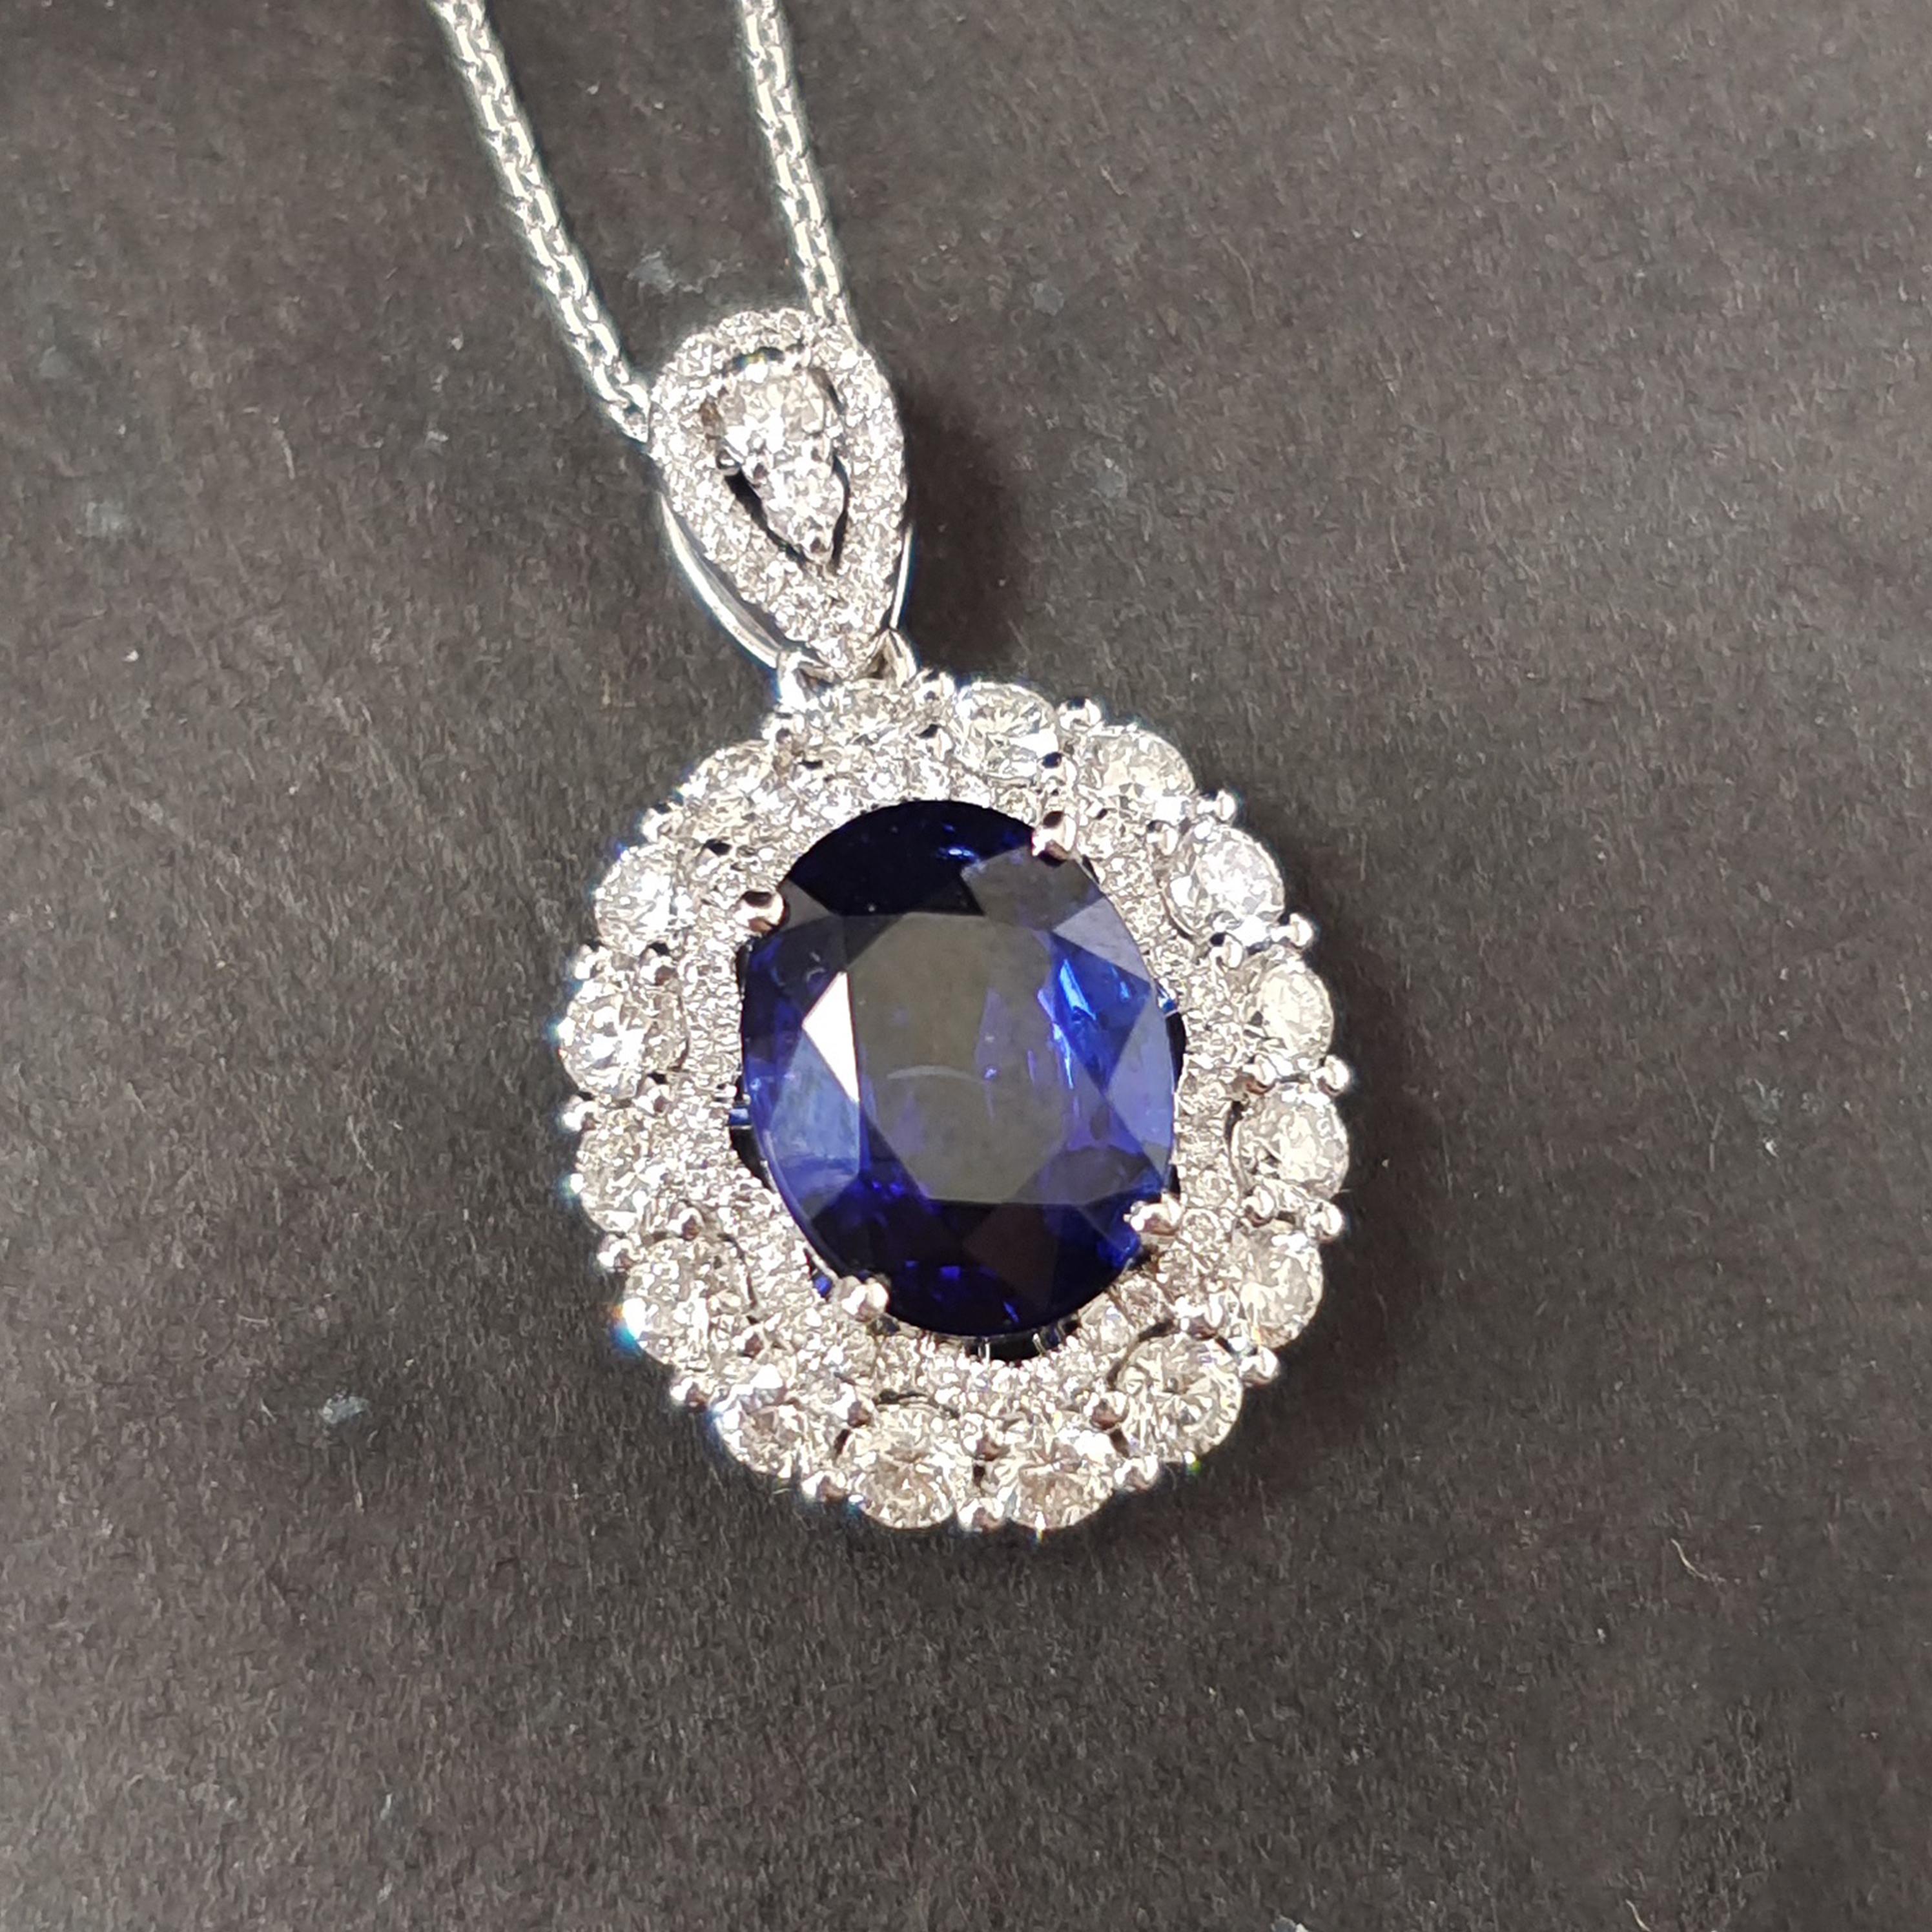 【吊坠】18K金+蓝宝石+钻石 宝石颜色纯正 主石:3ct/P 货重:3.75g